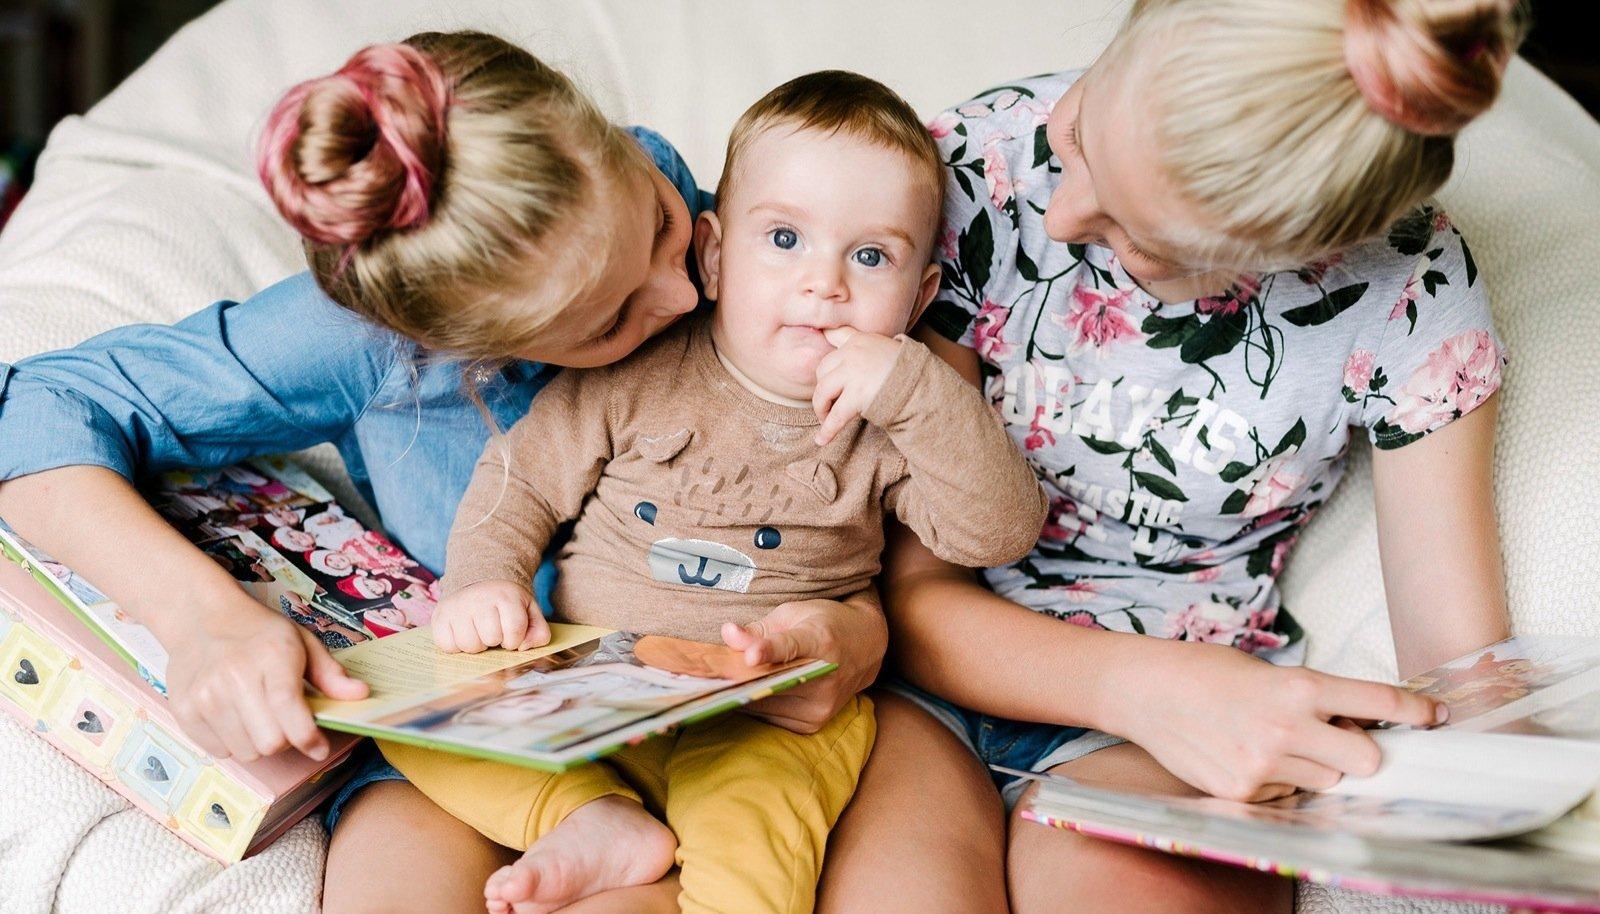 Fotograaf Kadri on Miranda-Mariet (10), Dorist (9) ja Kauri (8 k) pildile püüdes isegi kimbatuses mõtisklenud: kui palju pilte on piisav?